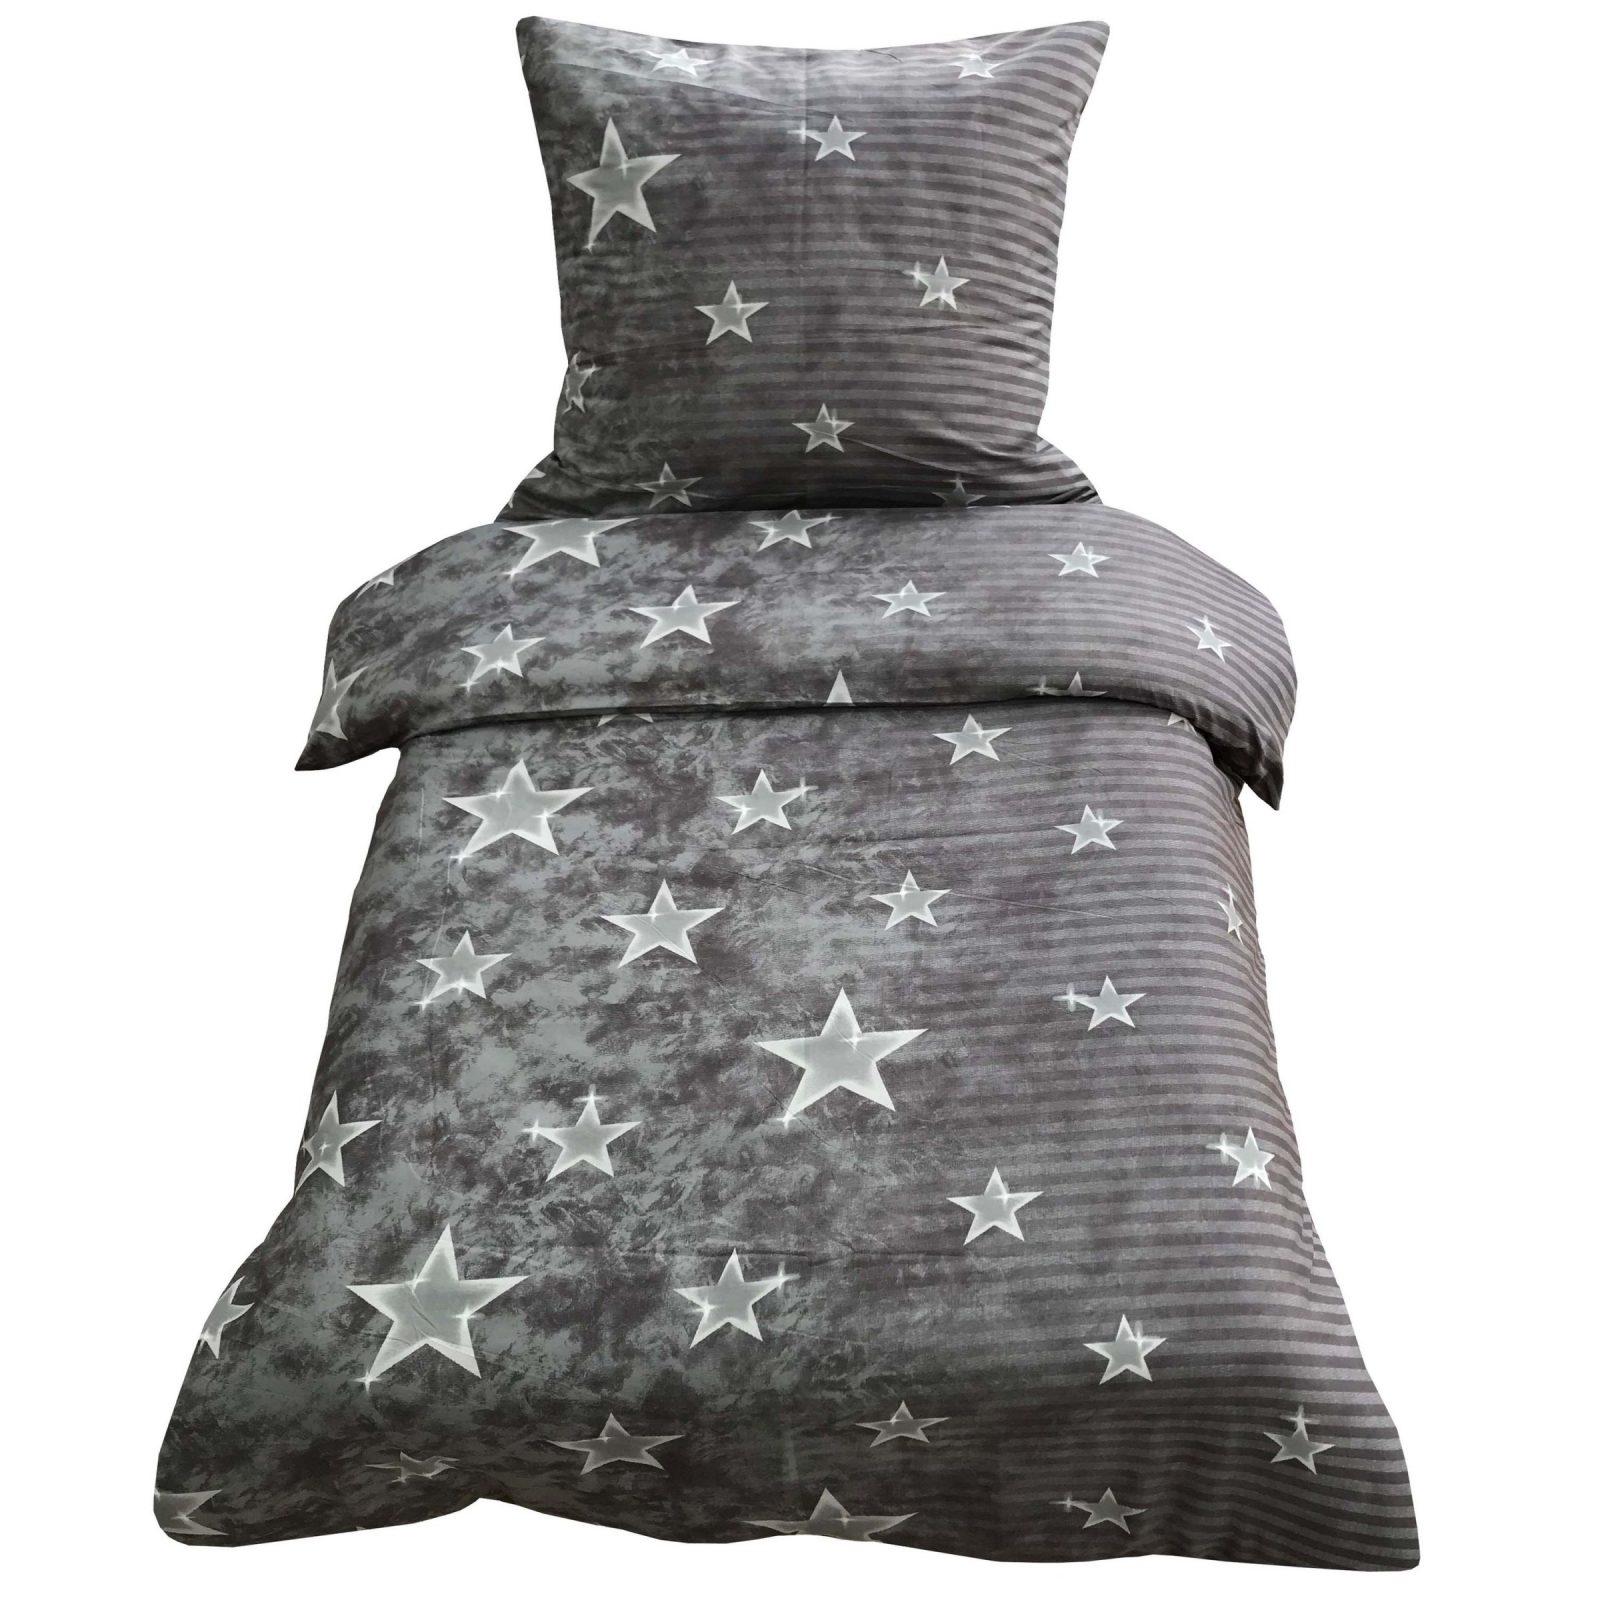 Bettwäsche 155X220 + 80X80 Cm Grau Sterne Und Streifen Mit von Bettwäsche Sterne Grau 155X220 Bild